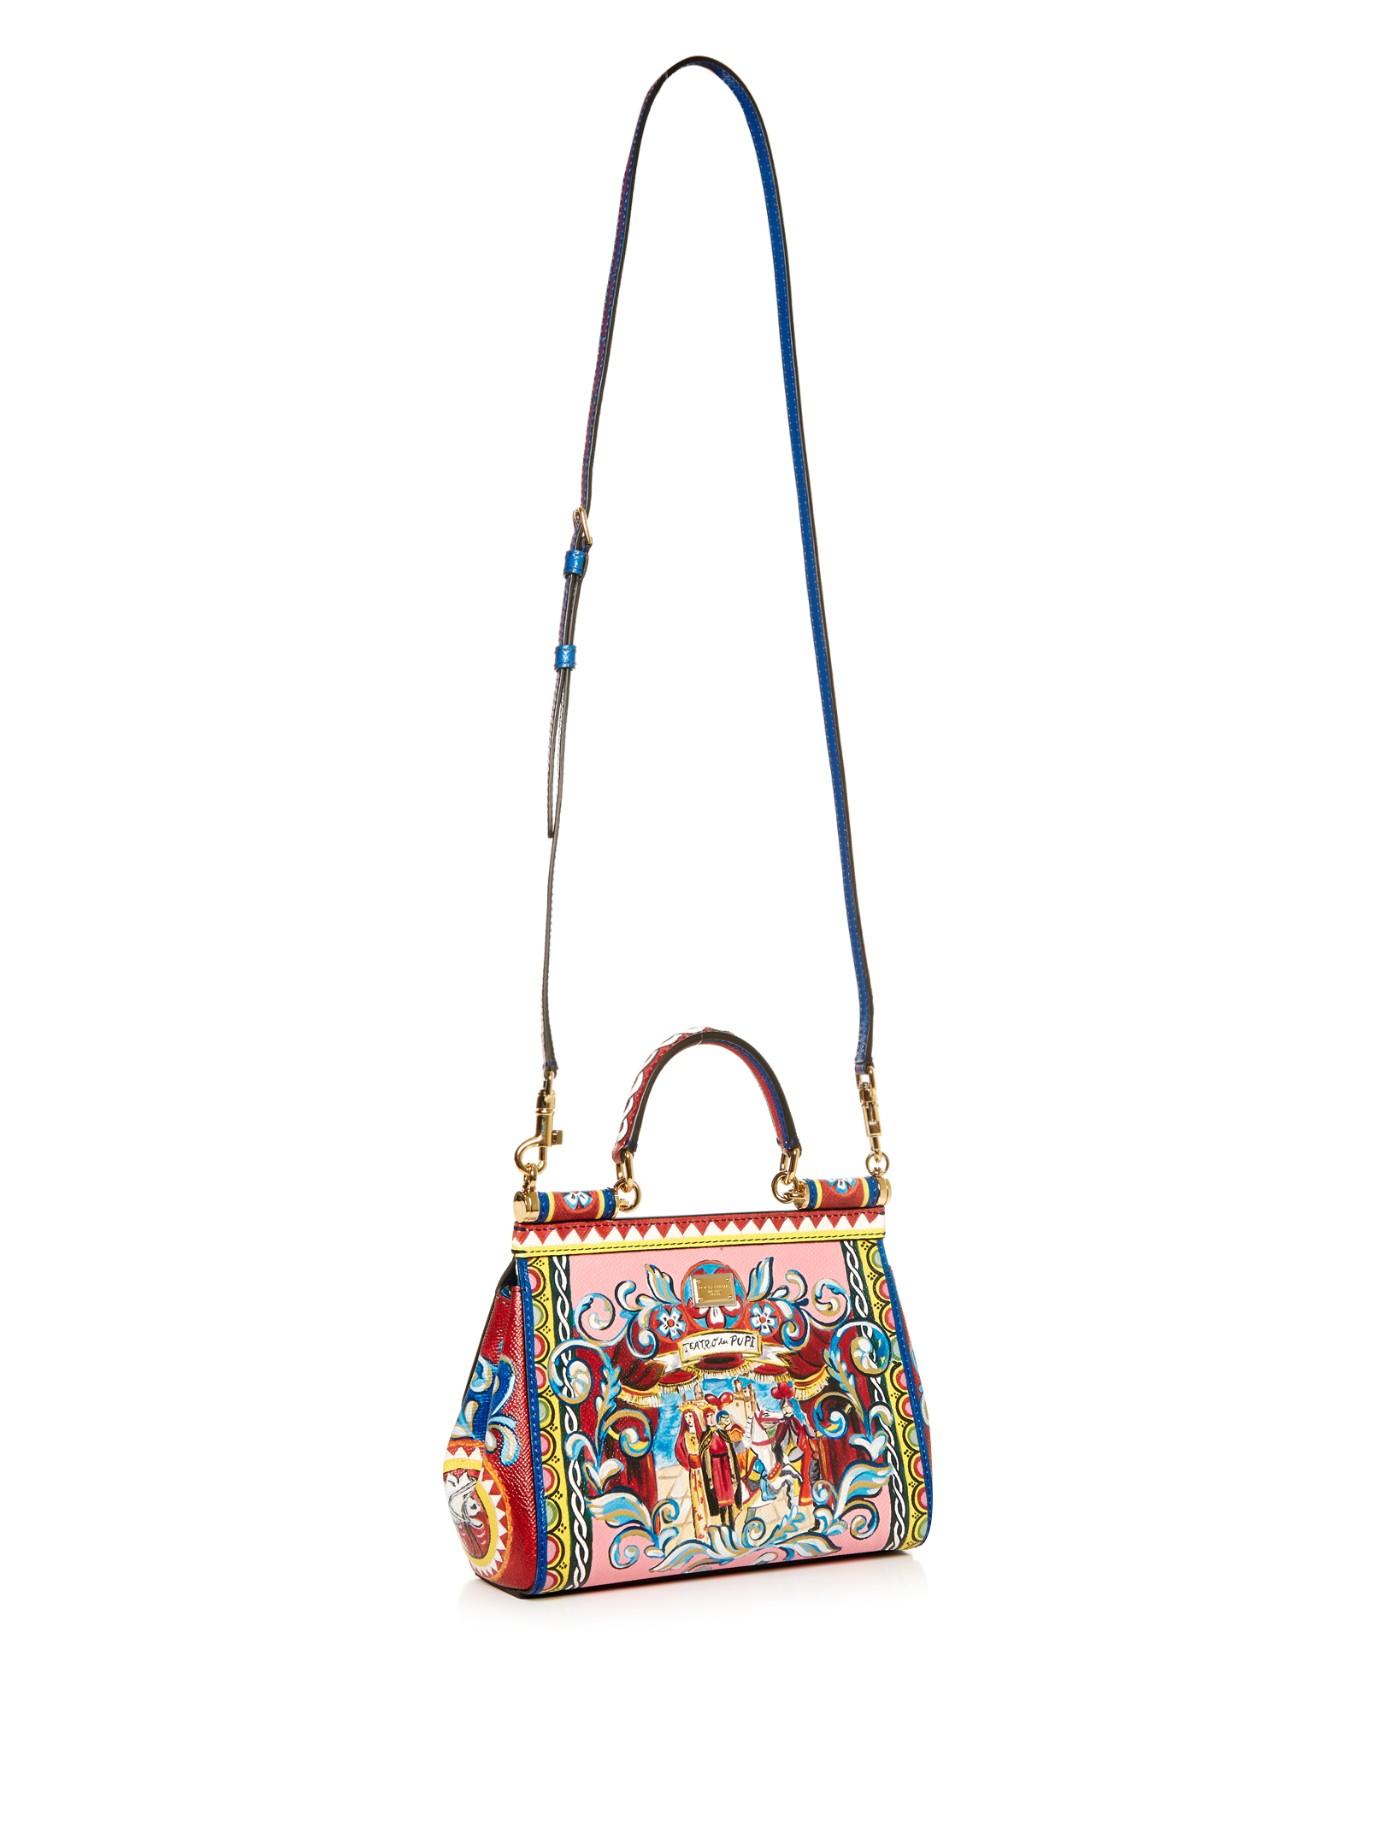 Dolce & Gabbana Imprimé Sicile Petit Sac À Bandoulière En Cuir L'arrivée De Nouveaux Prix Pas Cher Réel Frais De Port Offerts Pas Cher Combien En Ligne 4bDS0oM5O